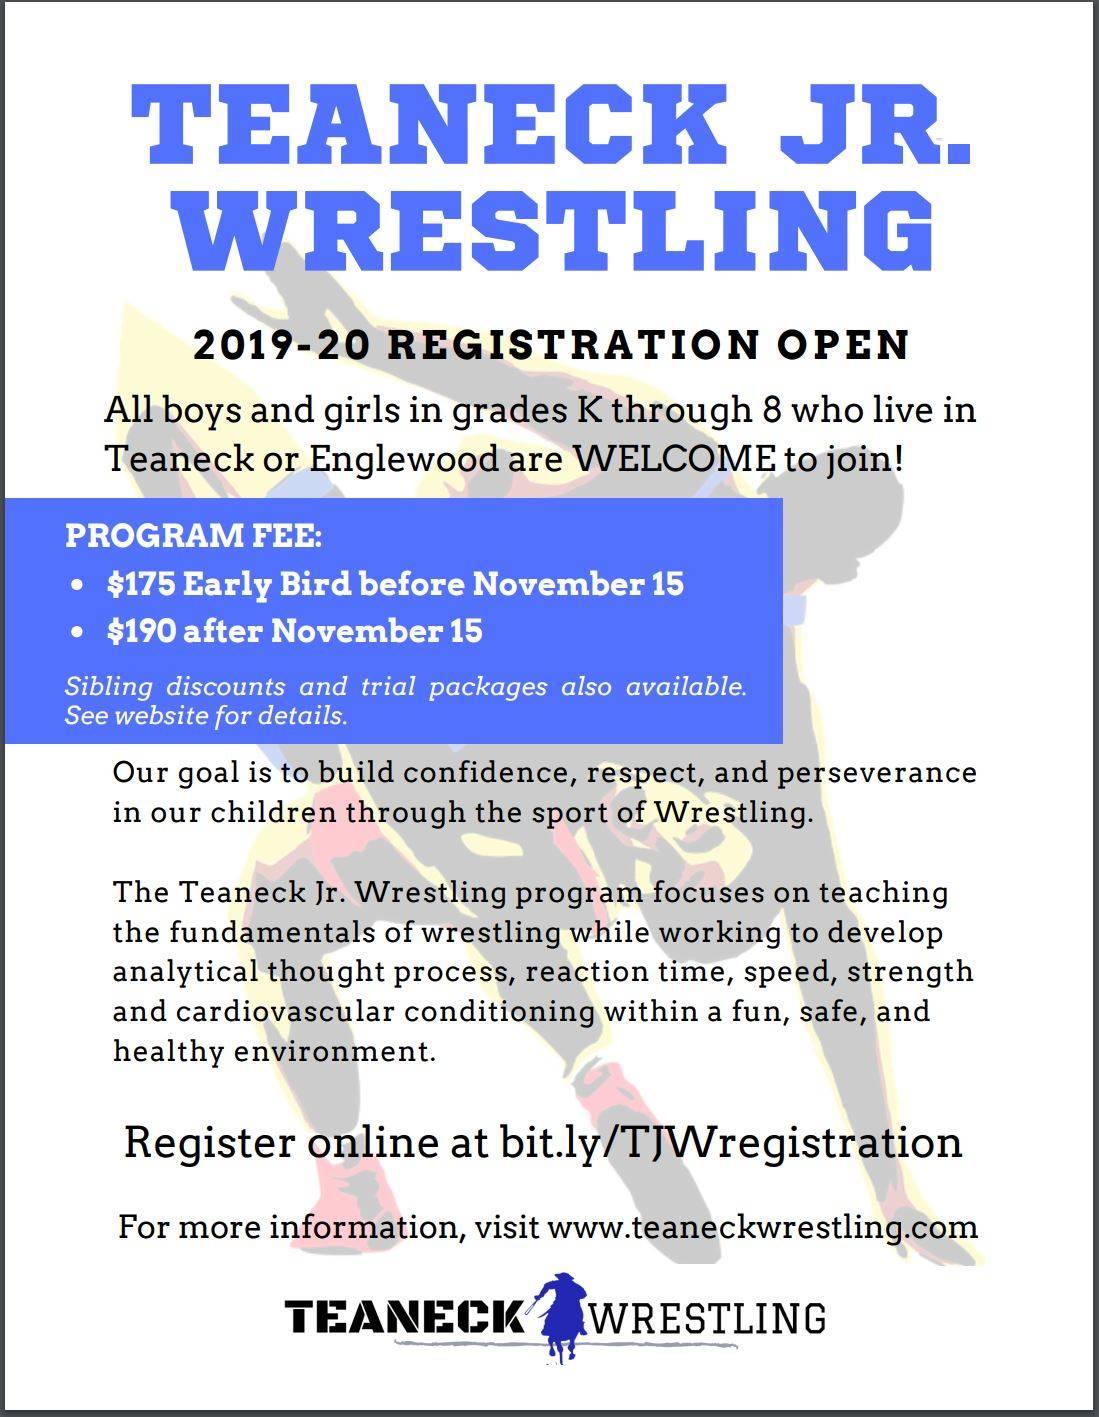 Teaneck Jr. Wrestling 2019-2020 Registration Open